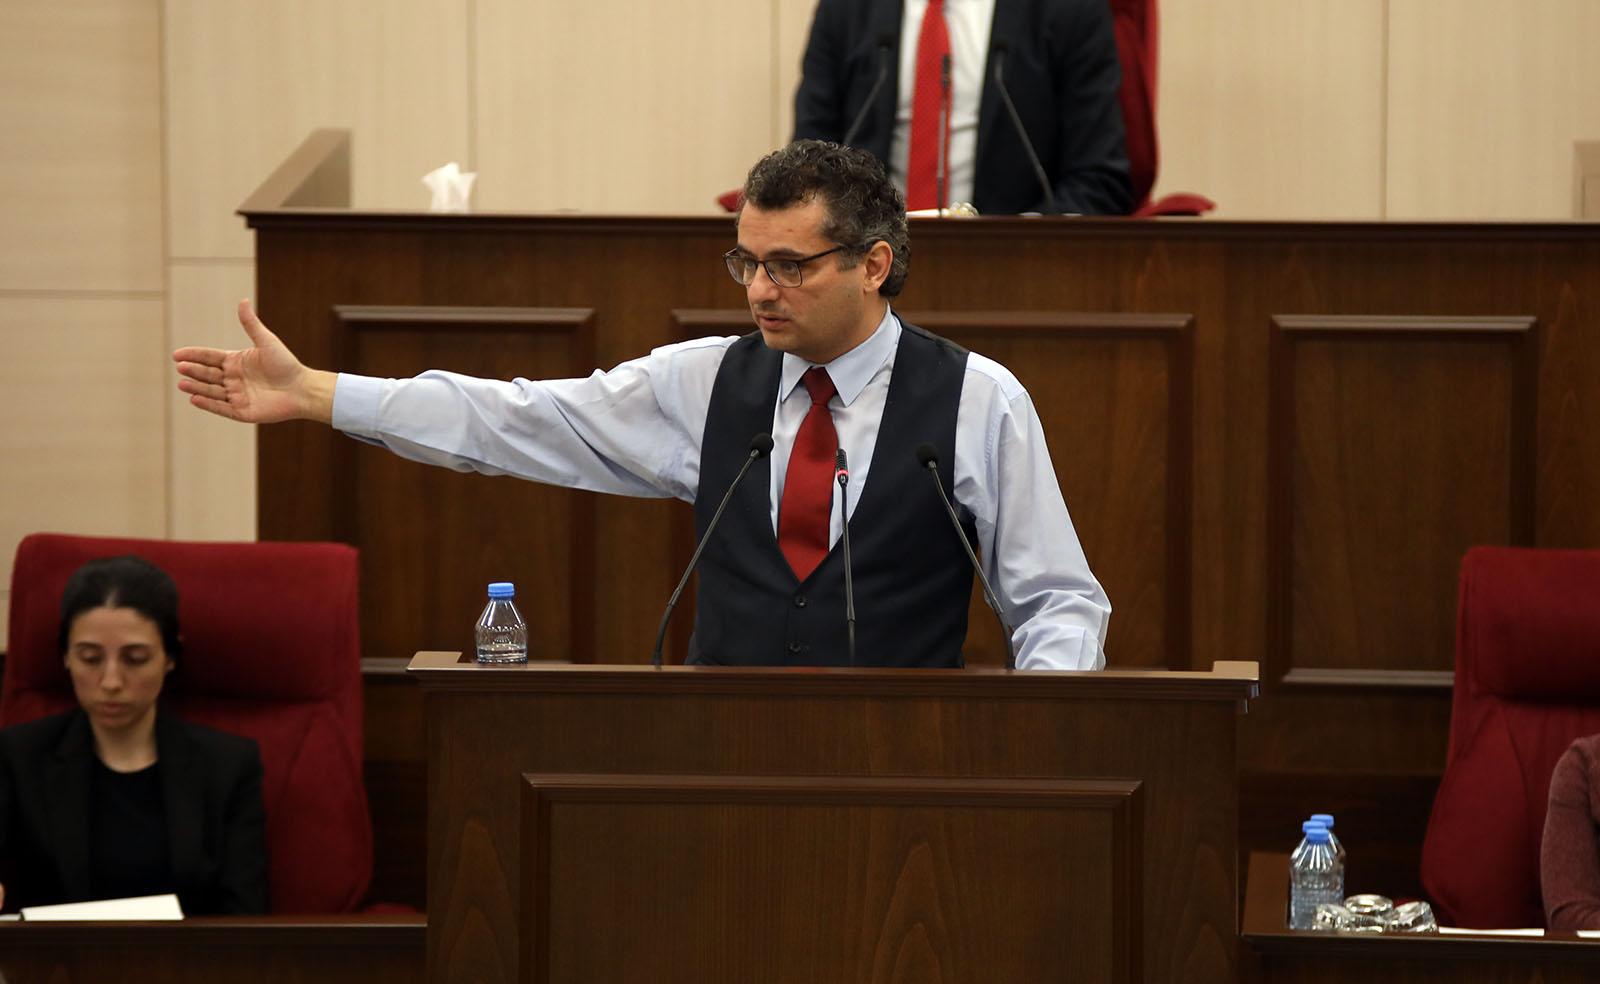 Erhürman: Trafik kuralları herkes için geçerli, milletvekili dokunulmazlığıyla ilgisi yok